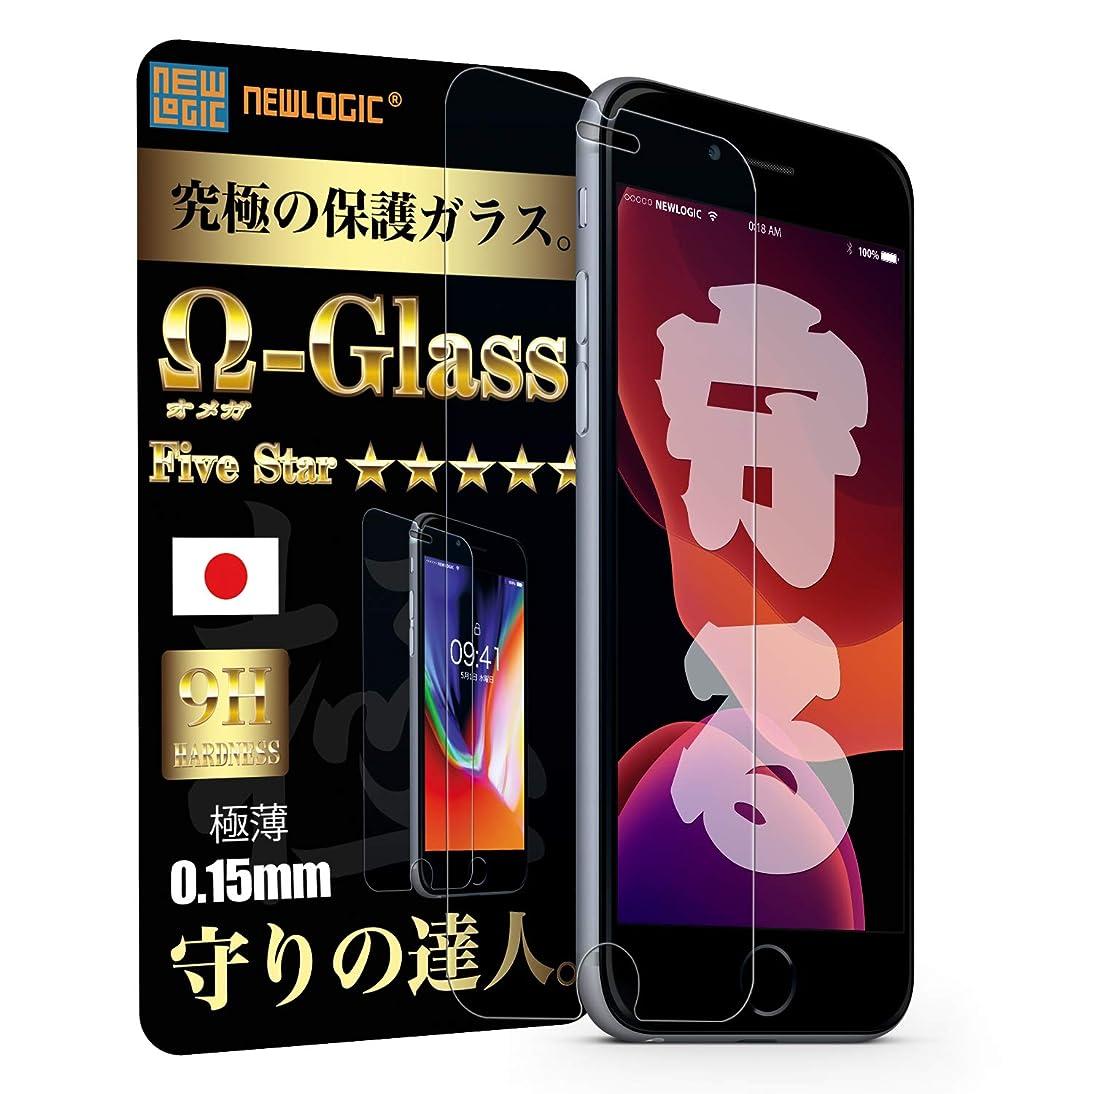 大西洋仲間活発iphone8 最新 強化ガラスフィルム iphone7 液晶保護フィルム iPhone6s iPhone6 対応 【極薄 わずか0.15mm】